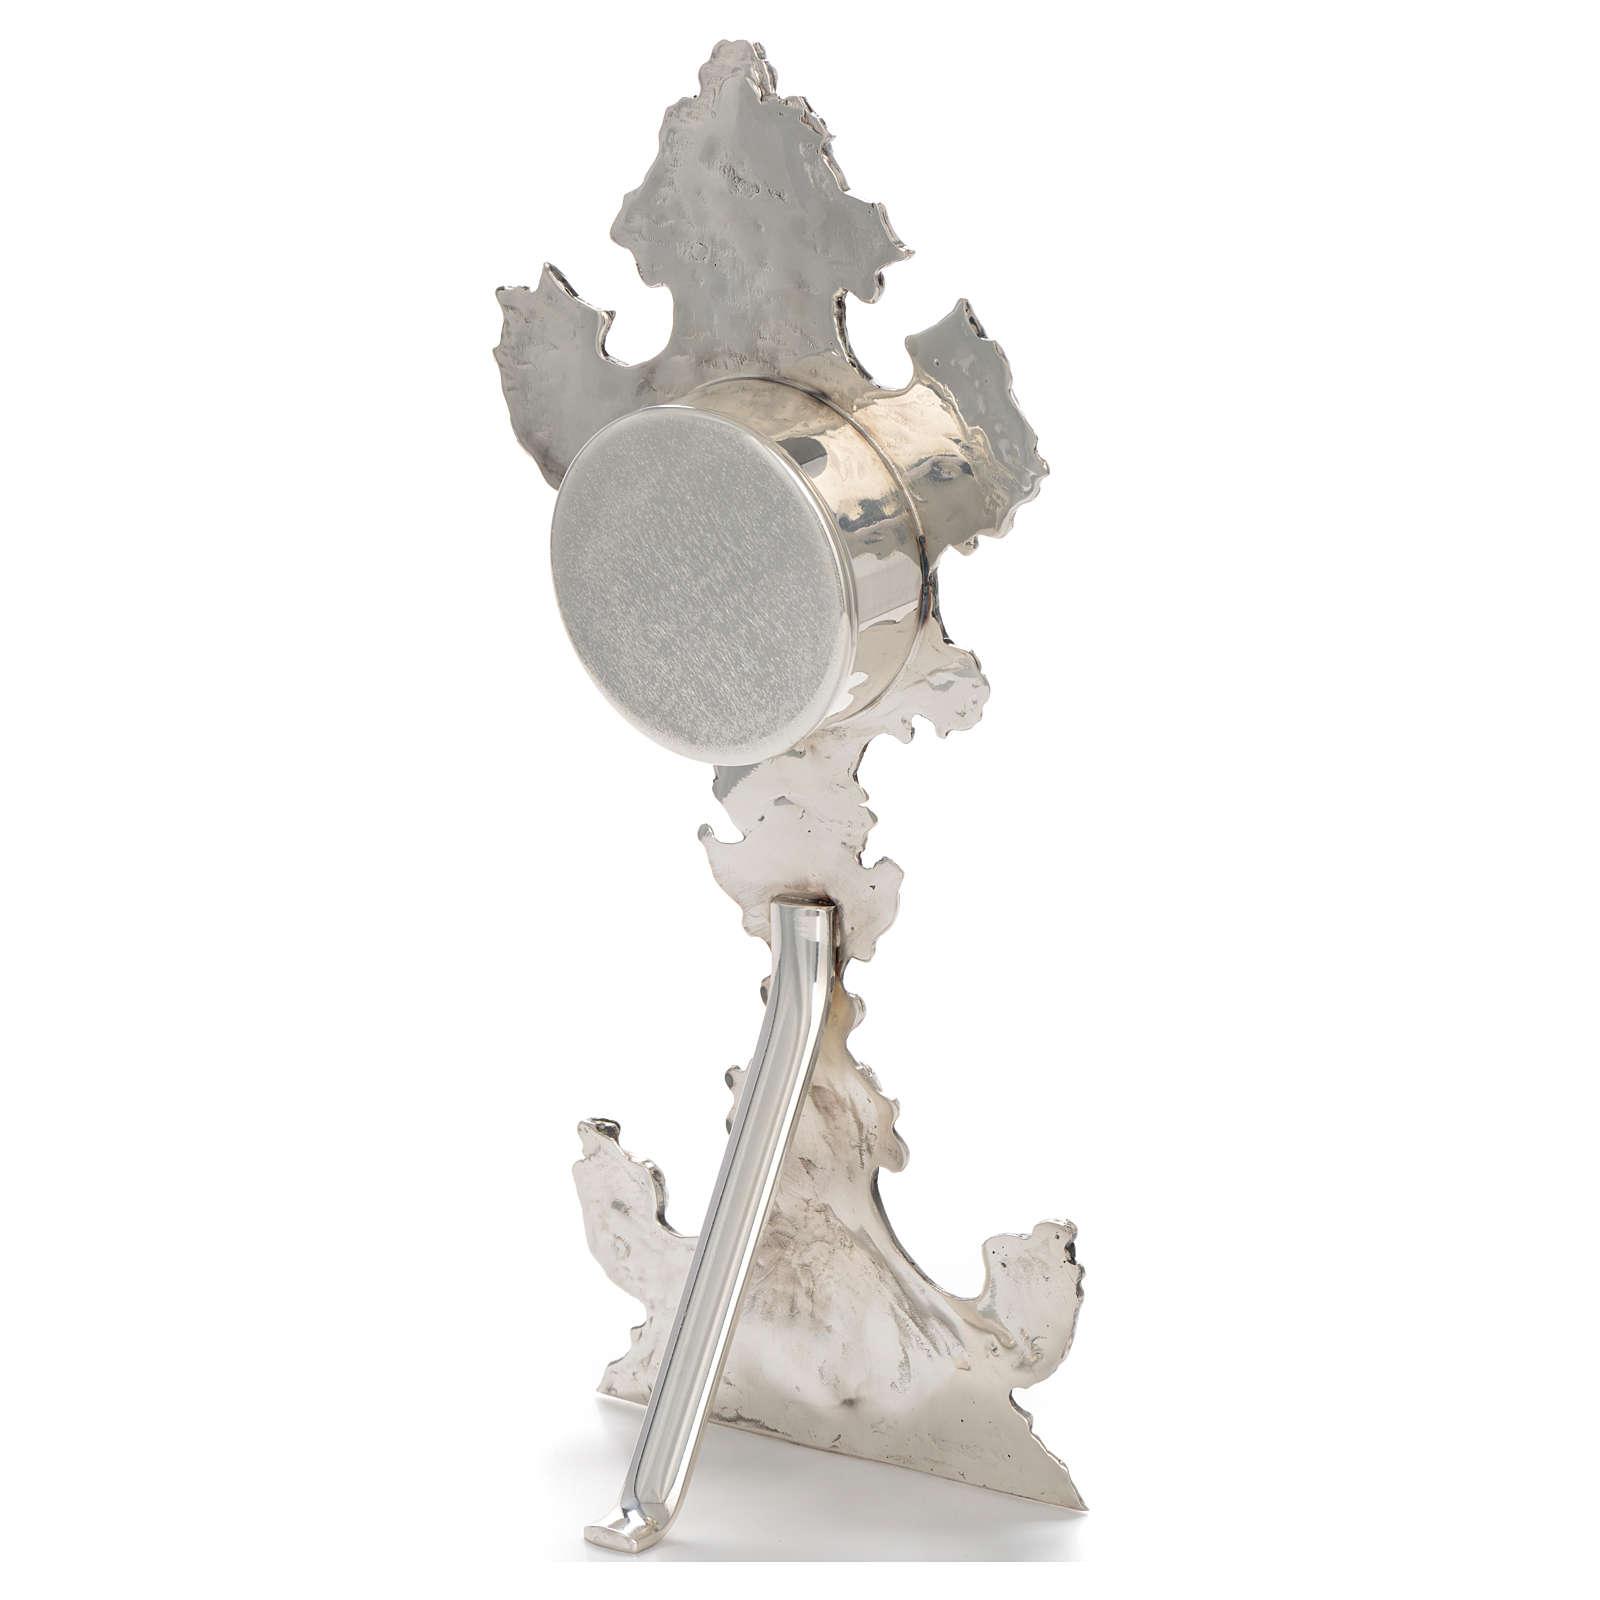 Reliquiario ottone argentato h 30 cm portareliquie 6,5 cm 4